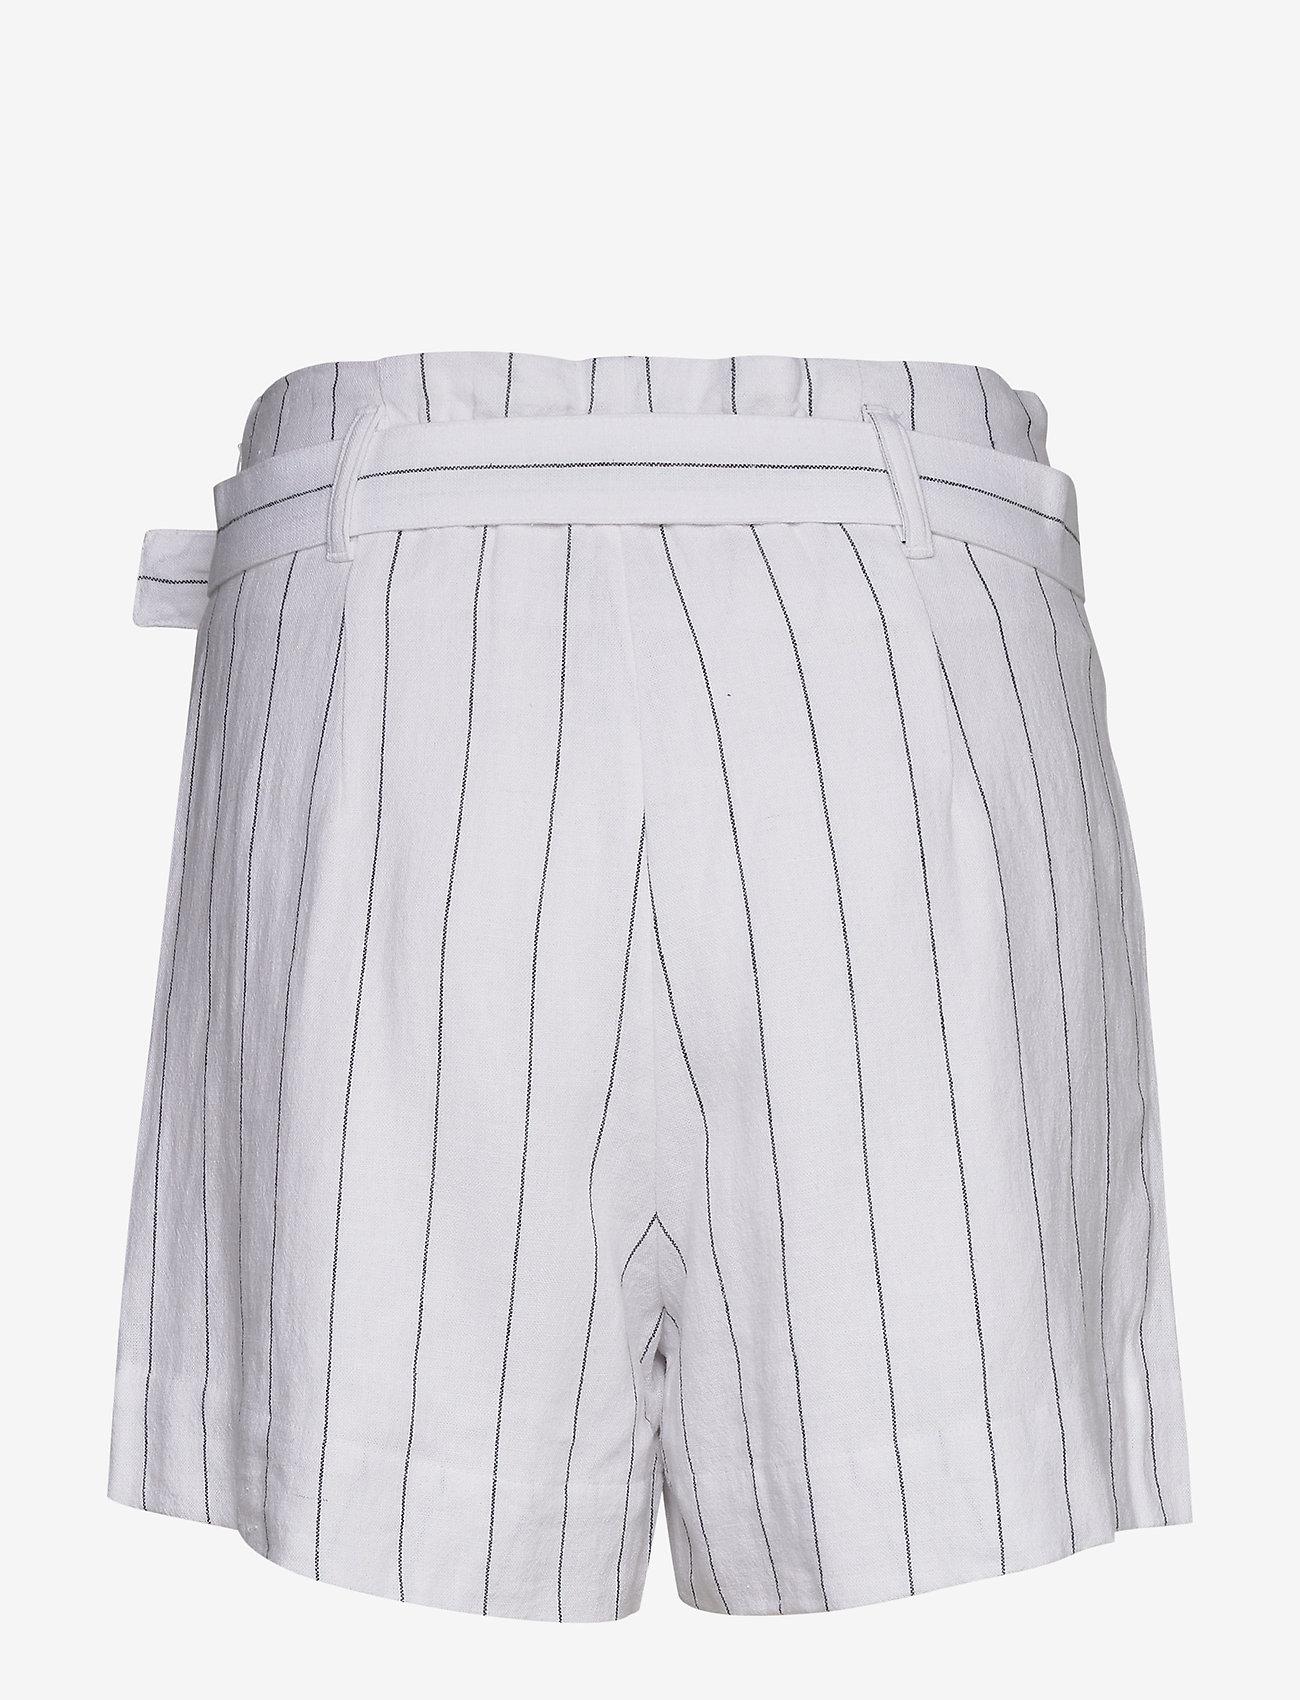 Abercrombie & Fitch Linen City Short Stripe Set - Shorts